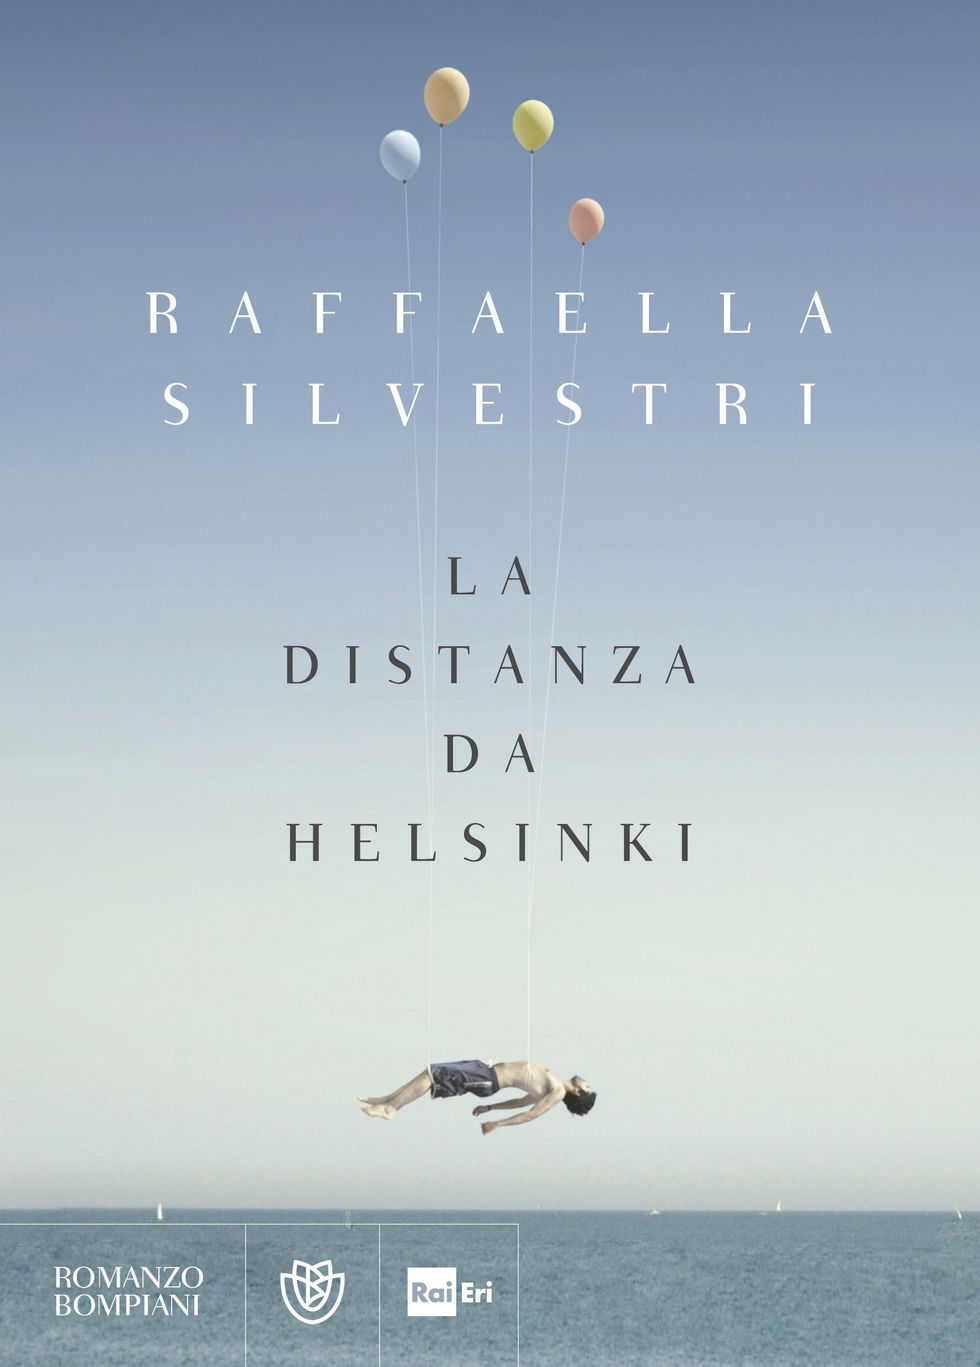 Direttamente da Masterpiece La distanza da Helsinki di Raffaella Silvestri